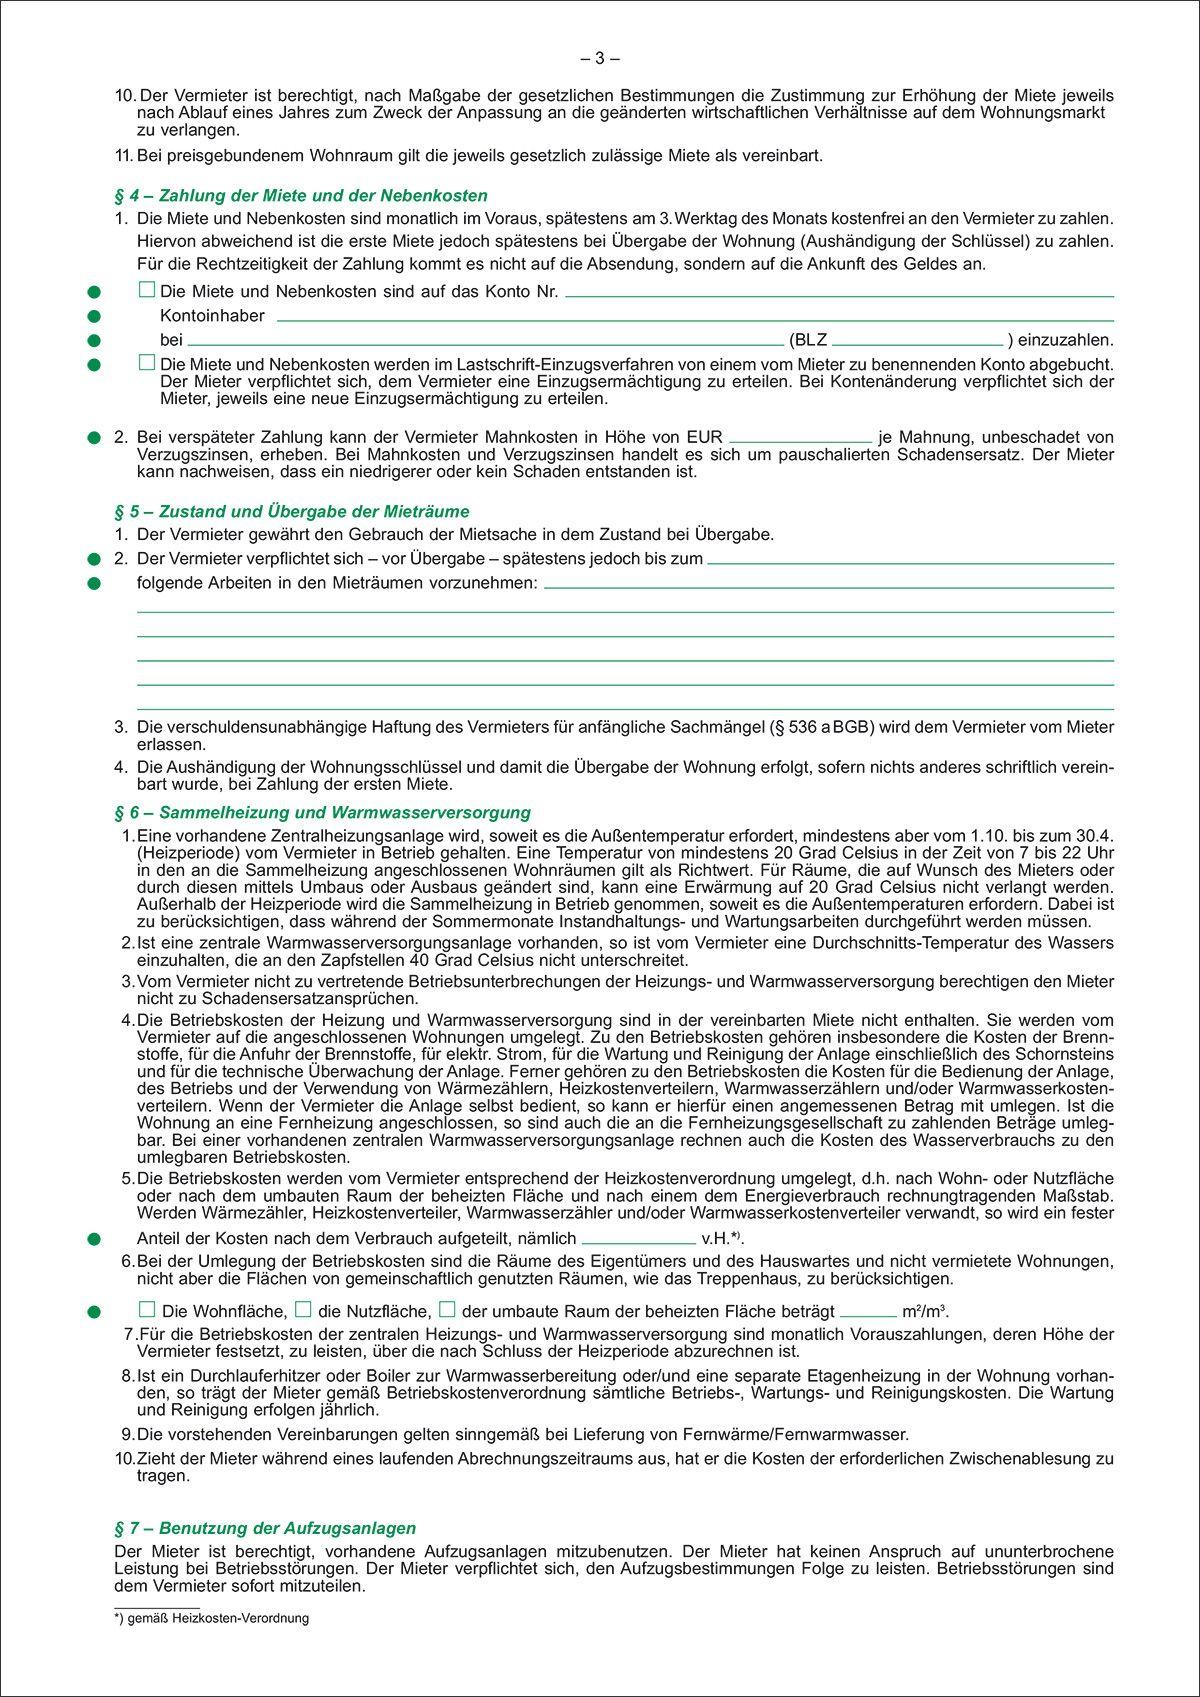 Rnk Verlag 525 Mietvertrag Für Wohnungen Ausführliche Fassung 6